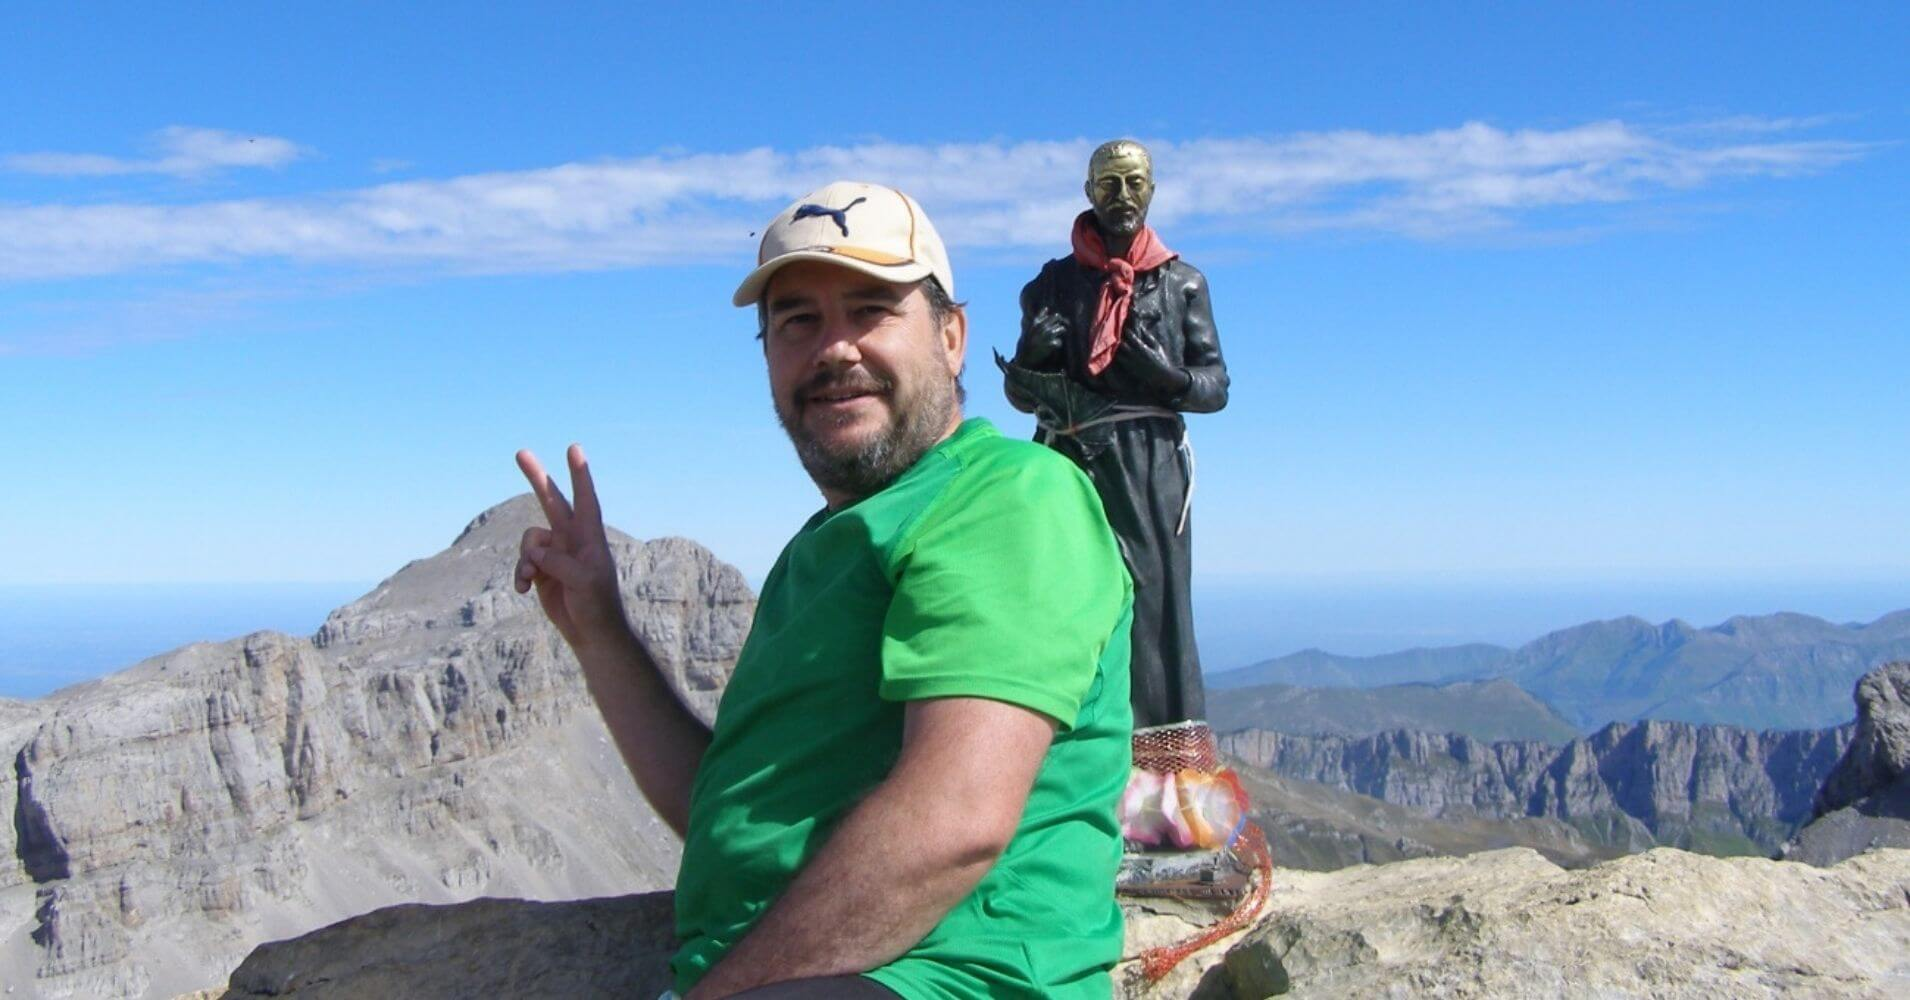 Cumbre de la Mesa de los Tres Reyes, Navarra.